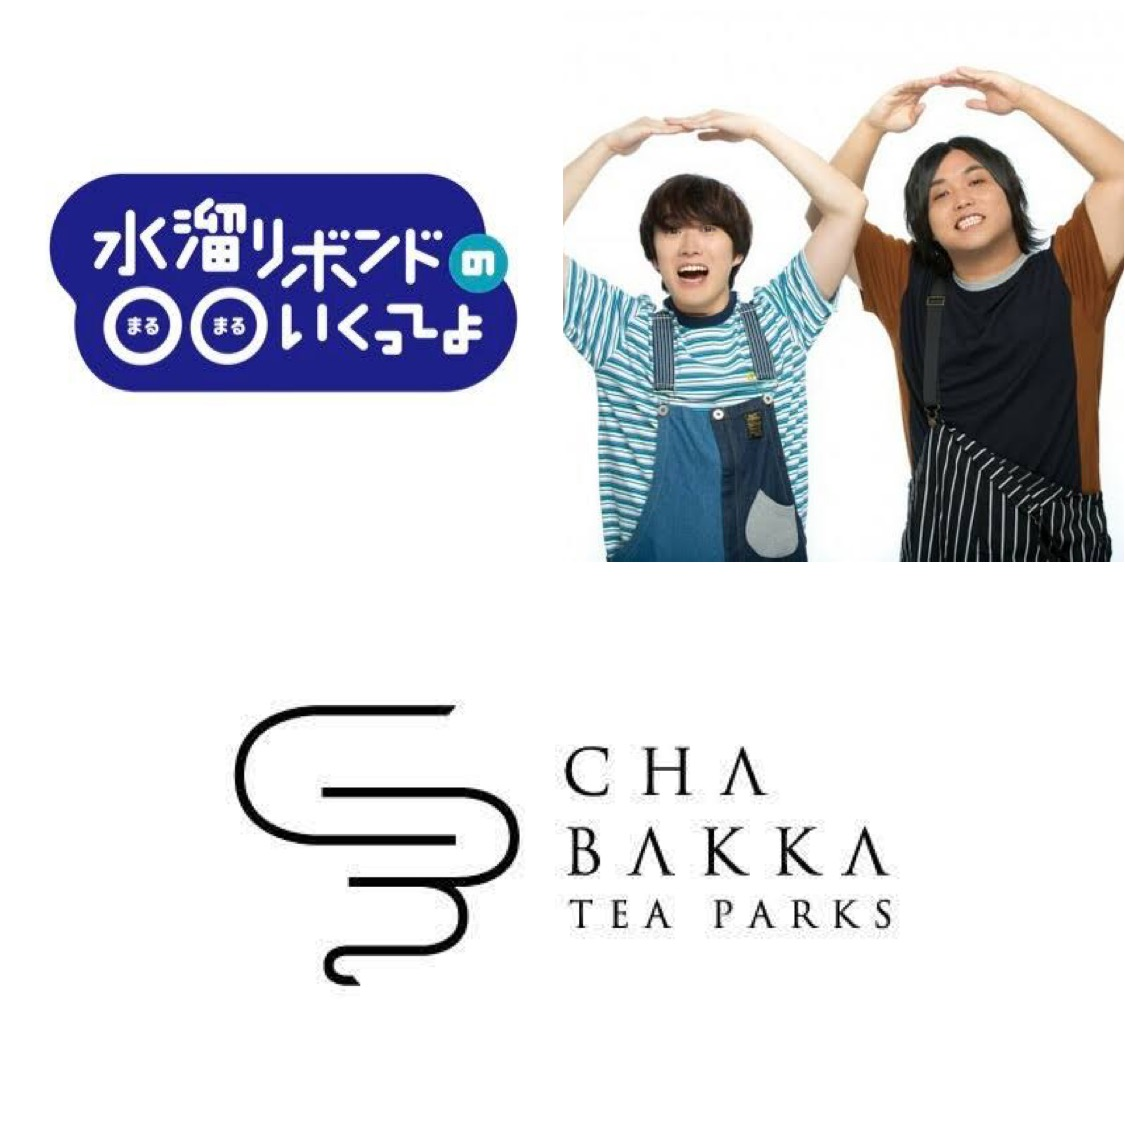 「水溜りボンドの〇〇行くってよ」×「CHABAKKA TEA PARKS」